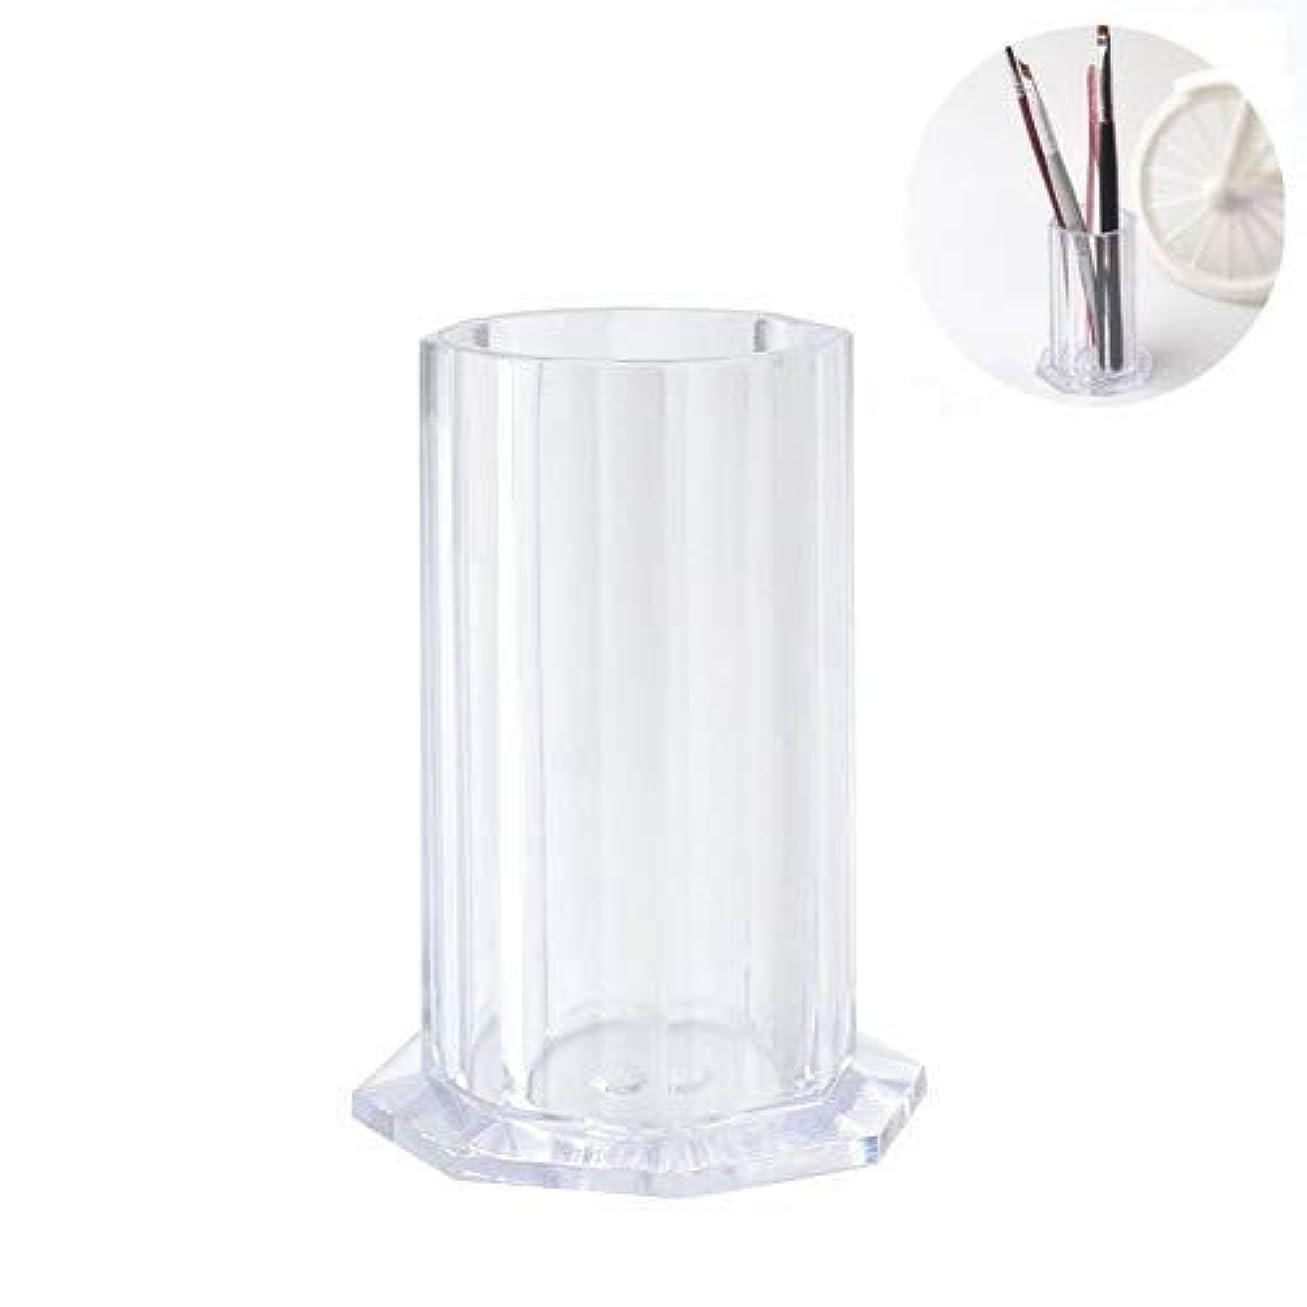 オゾン適性メッセンジャーネイルアートブラシストレージホルダーネイルペイントペンケースオーガナイザー中空容器バケツチューブ新しいマニキュアツール